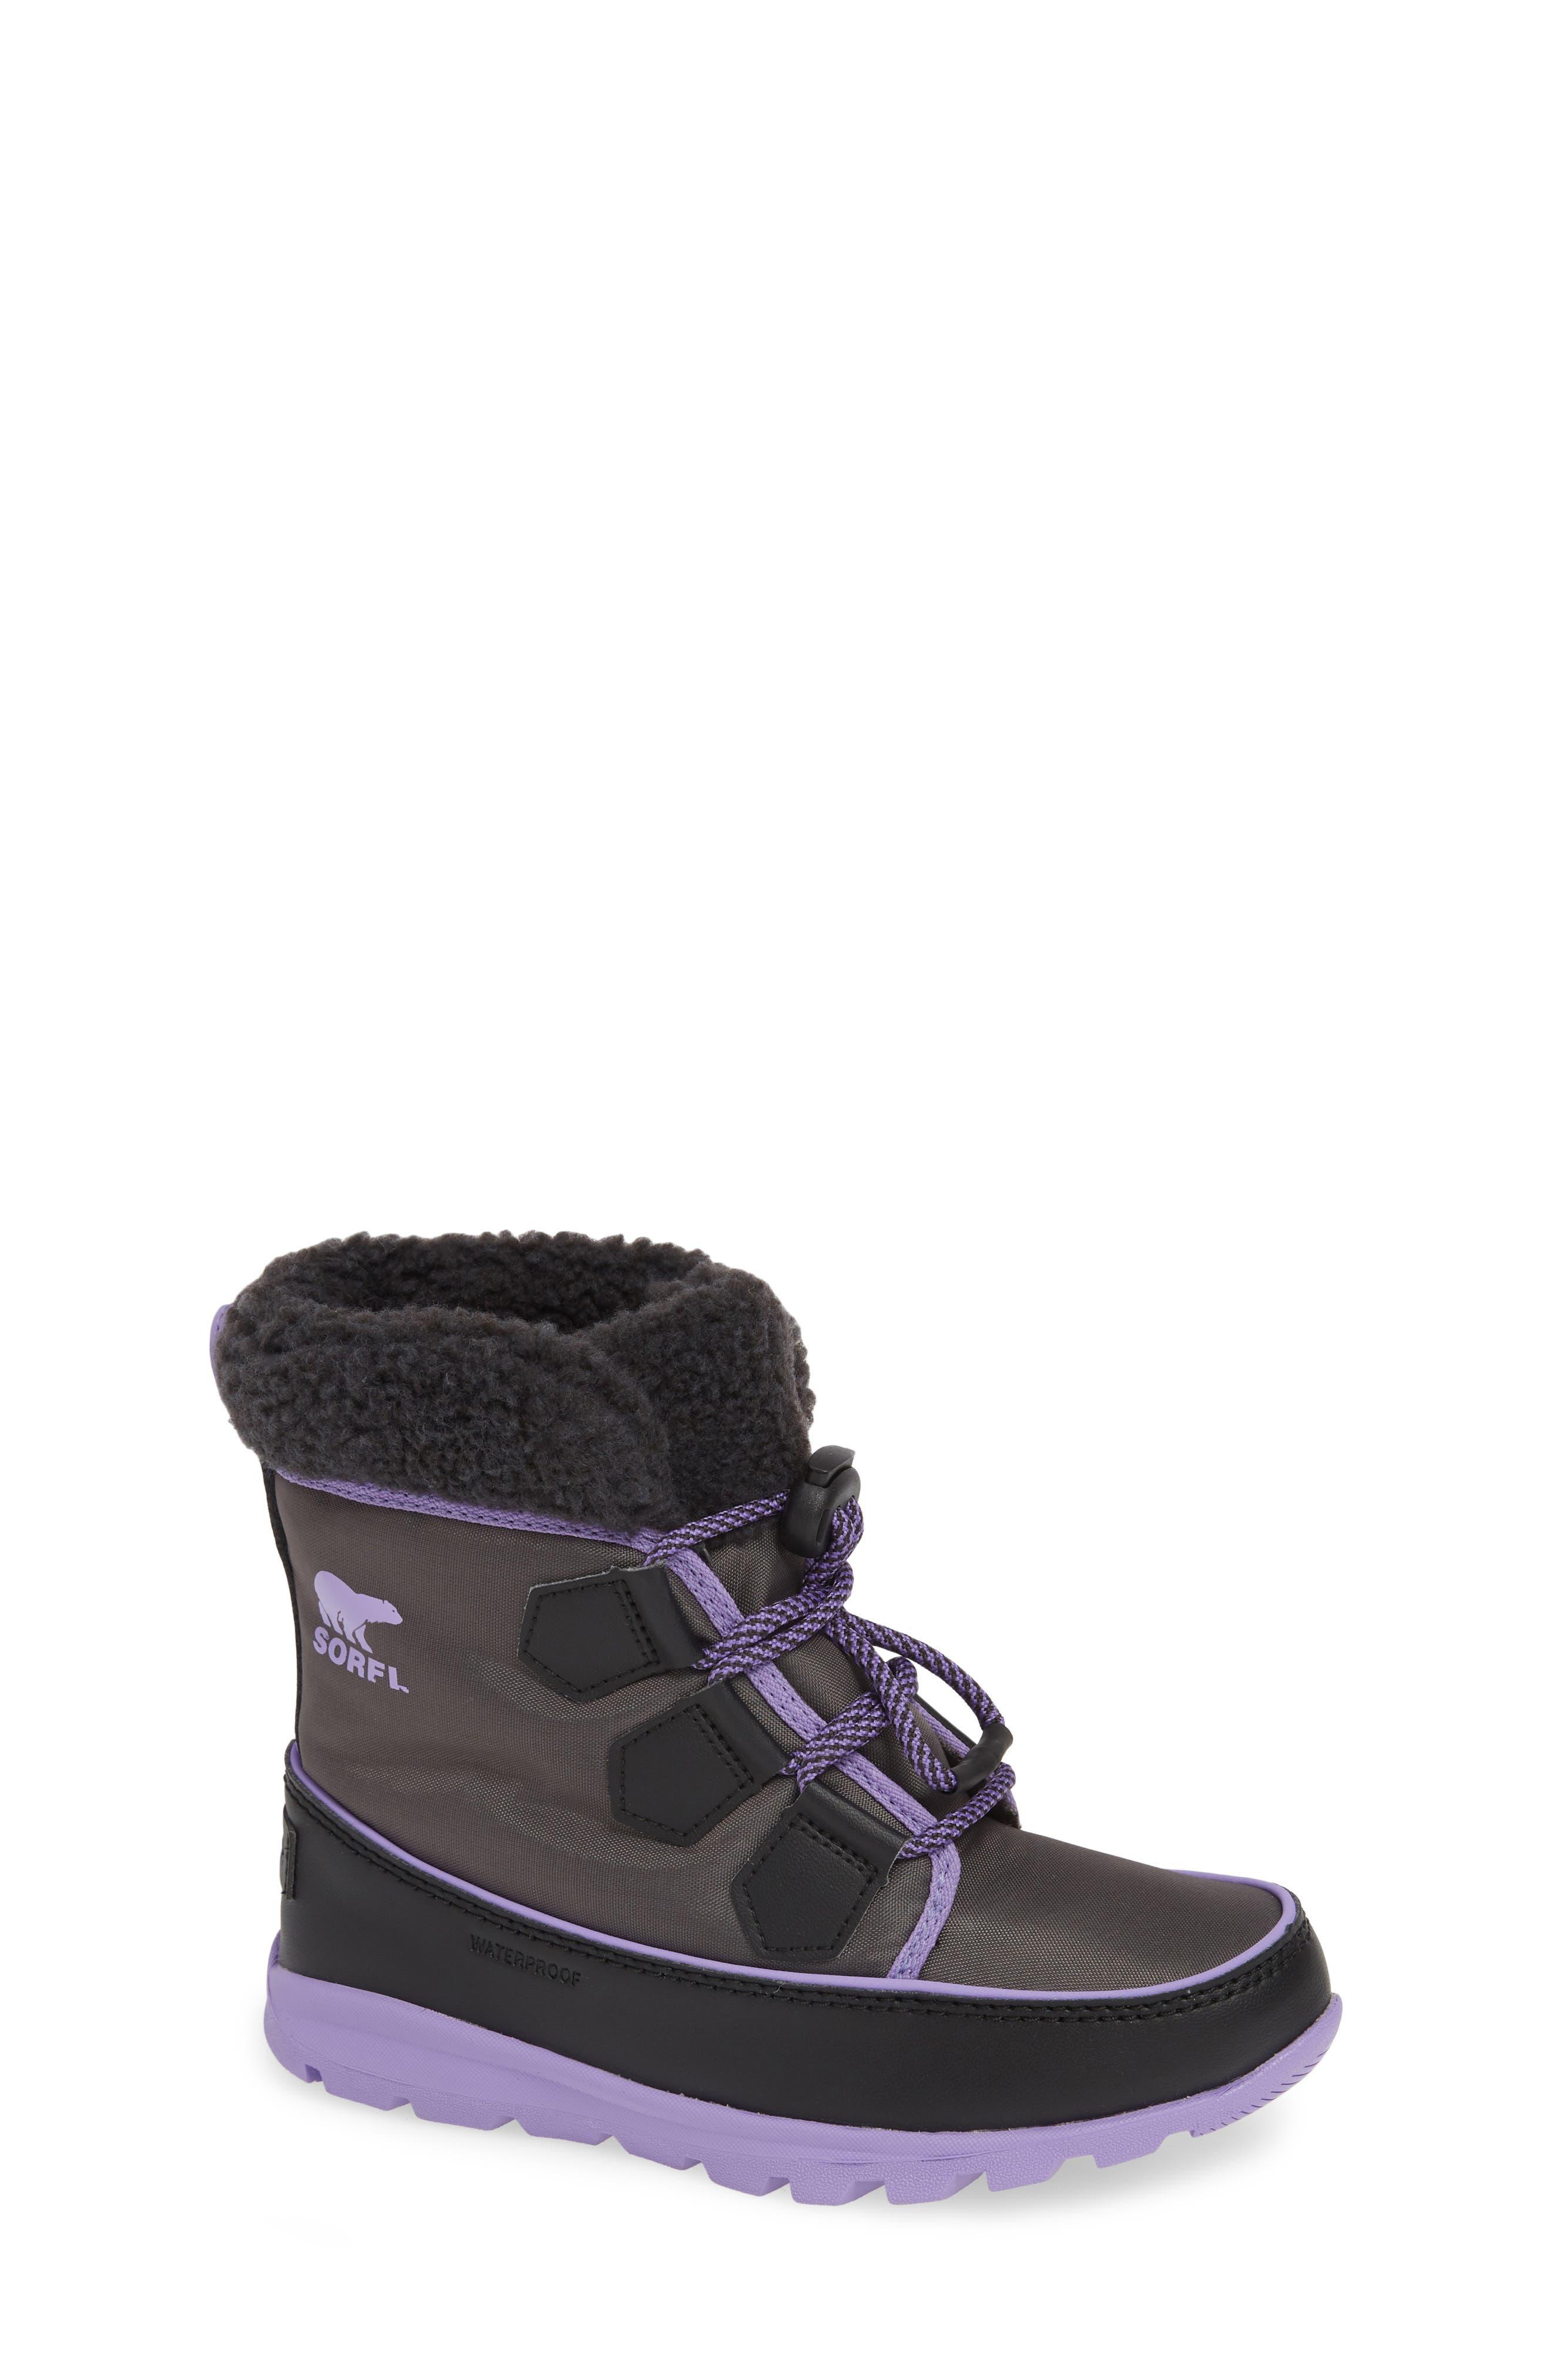 Girls Sorel Whitney Carnival Waterproof Faux Shearling Boot Size 7 M  Grey